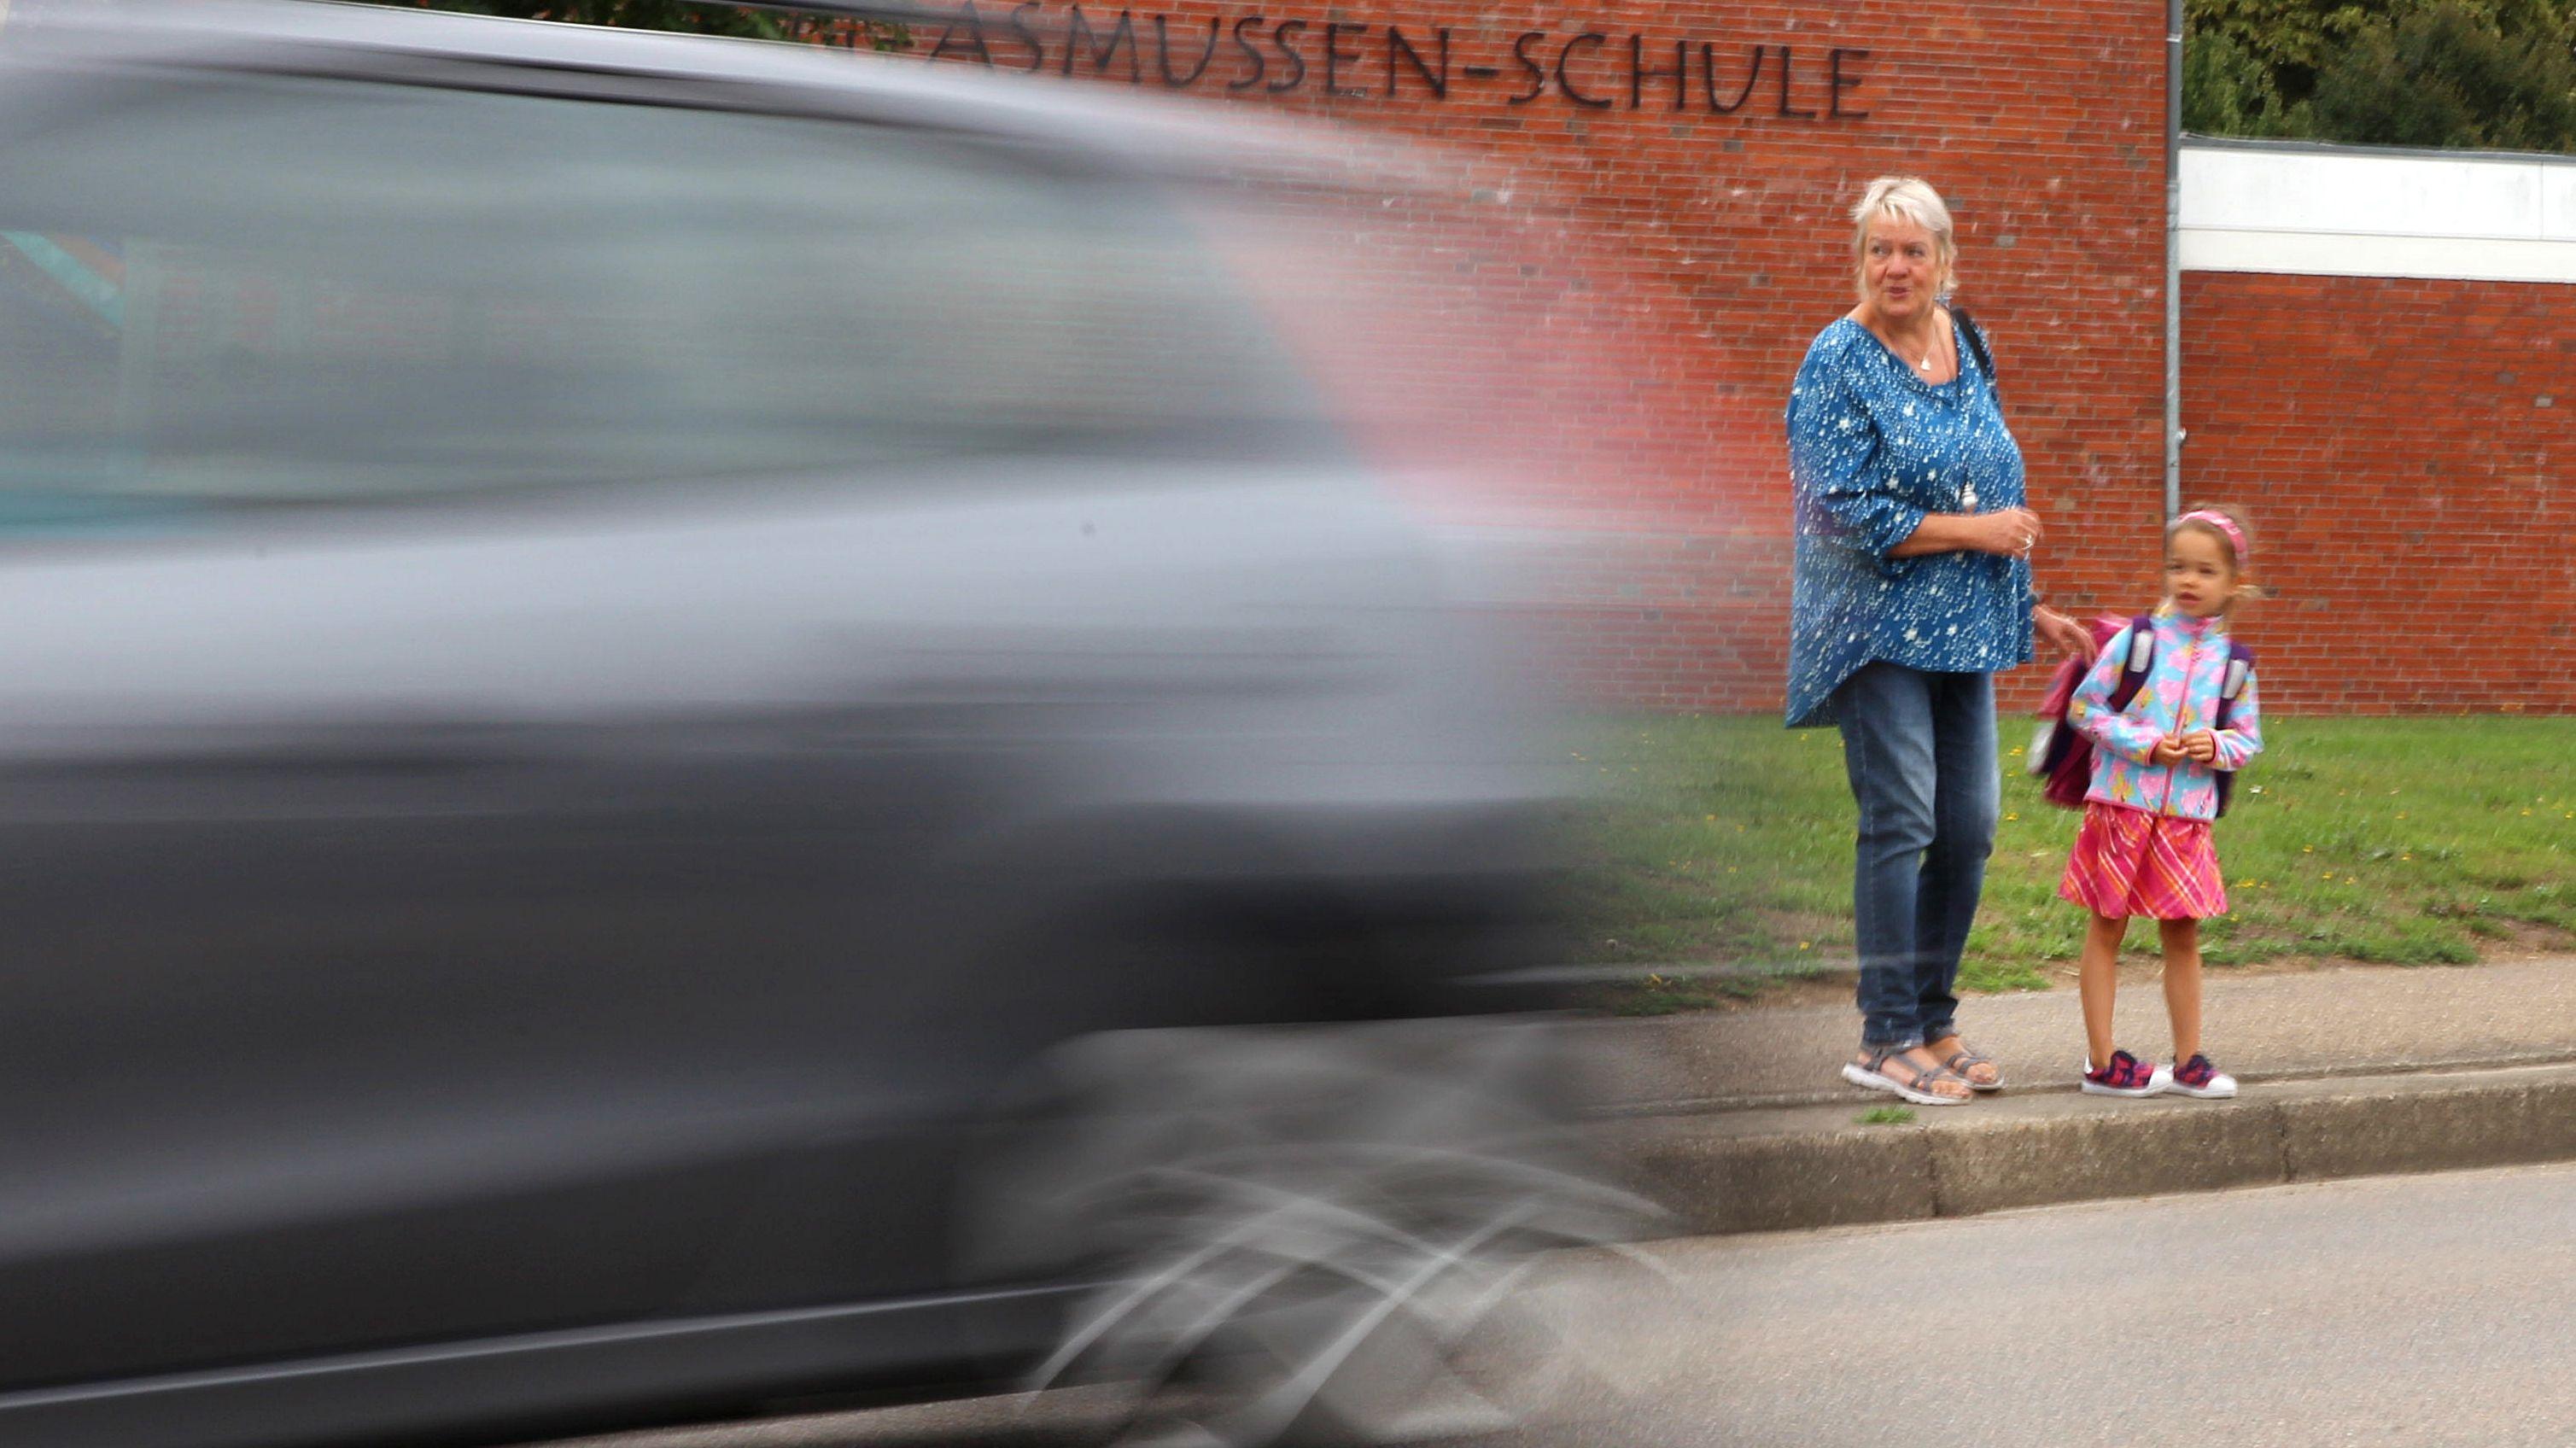 Auto rast an einer Schule vorbei